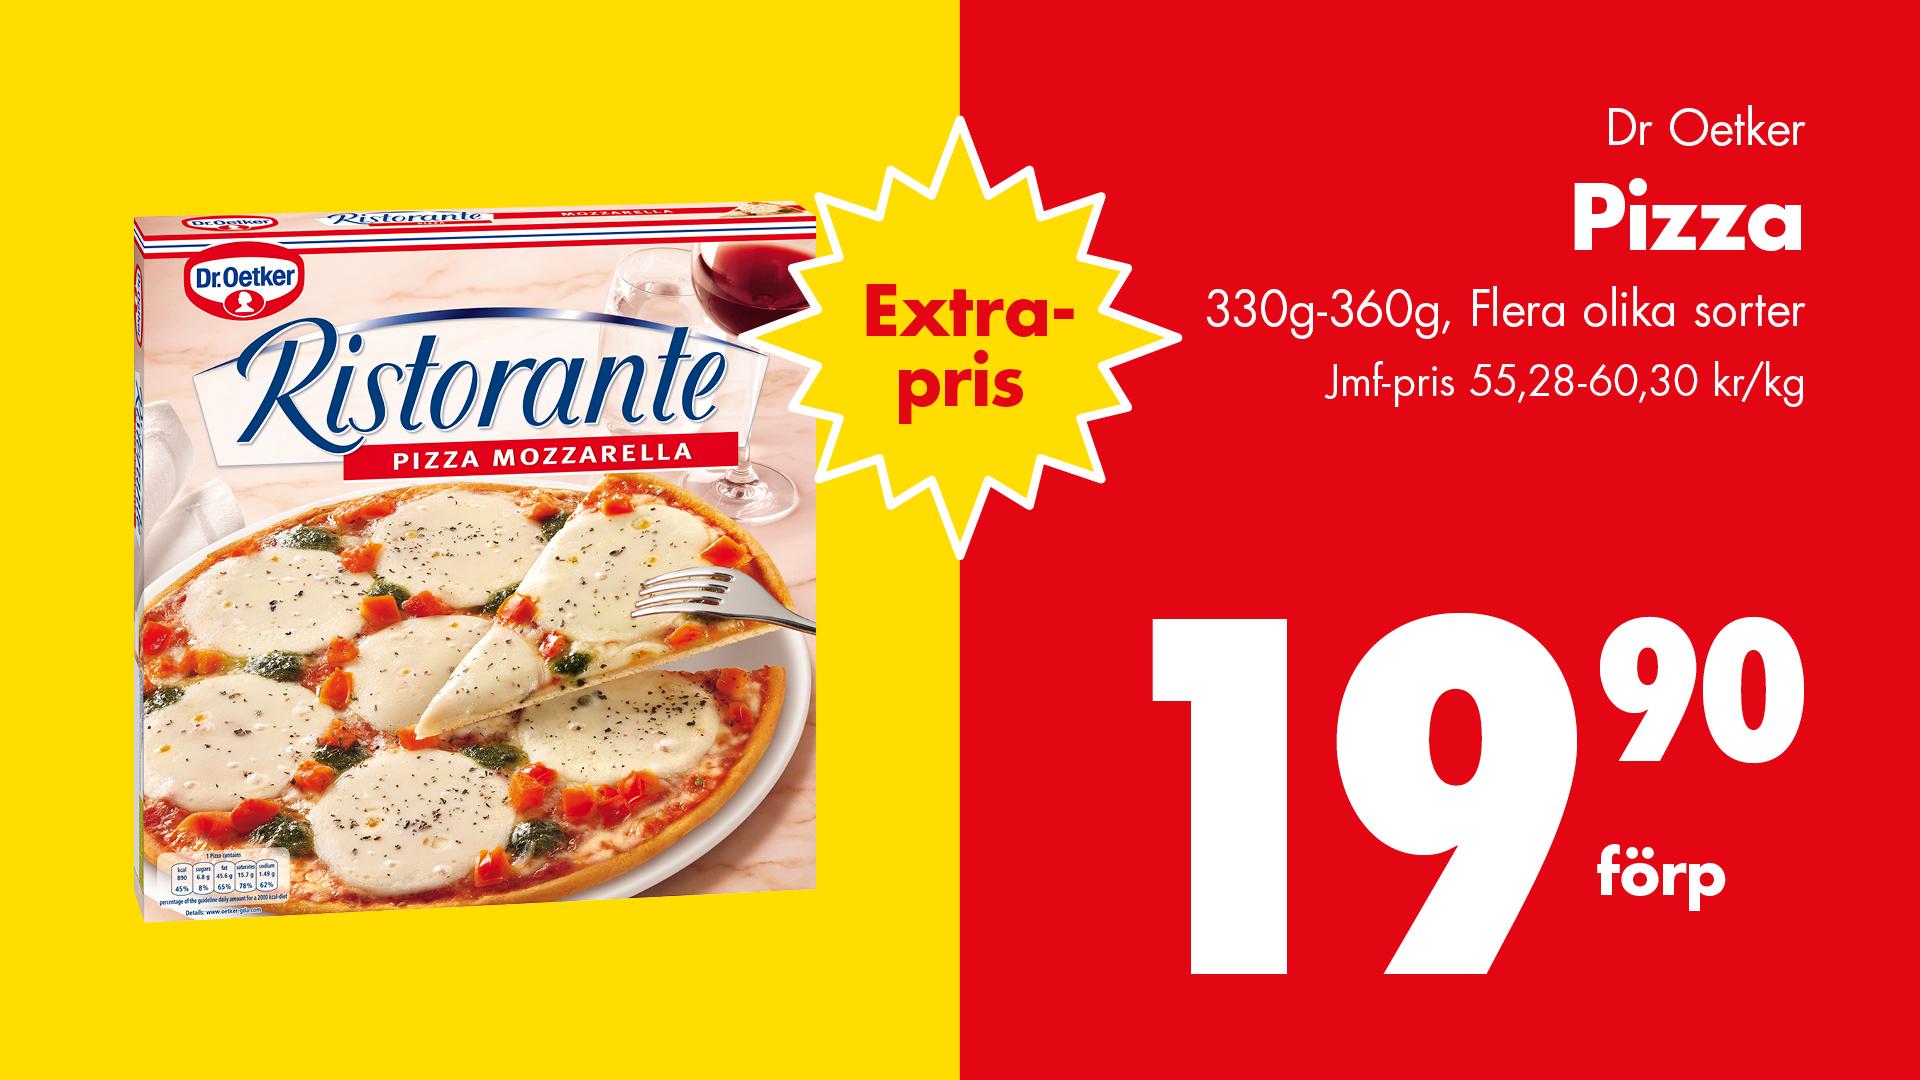 v03_1980x1080px_pizza_DrOetker